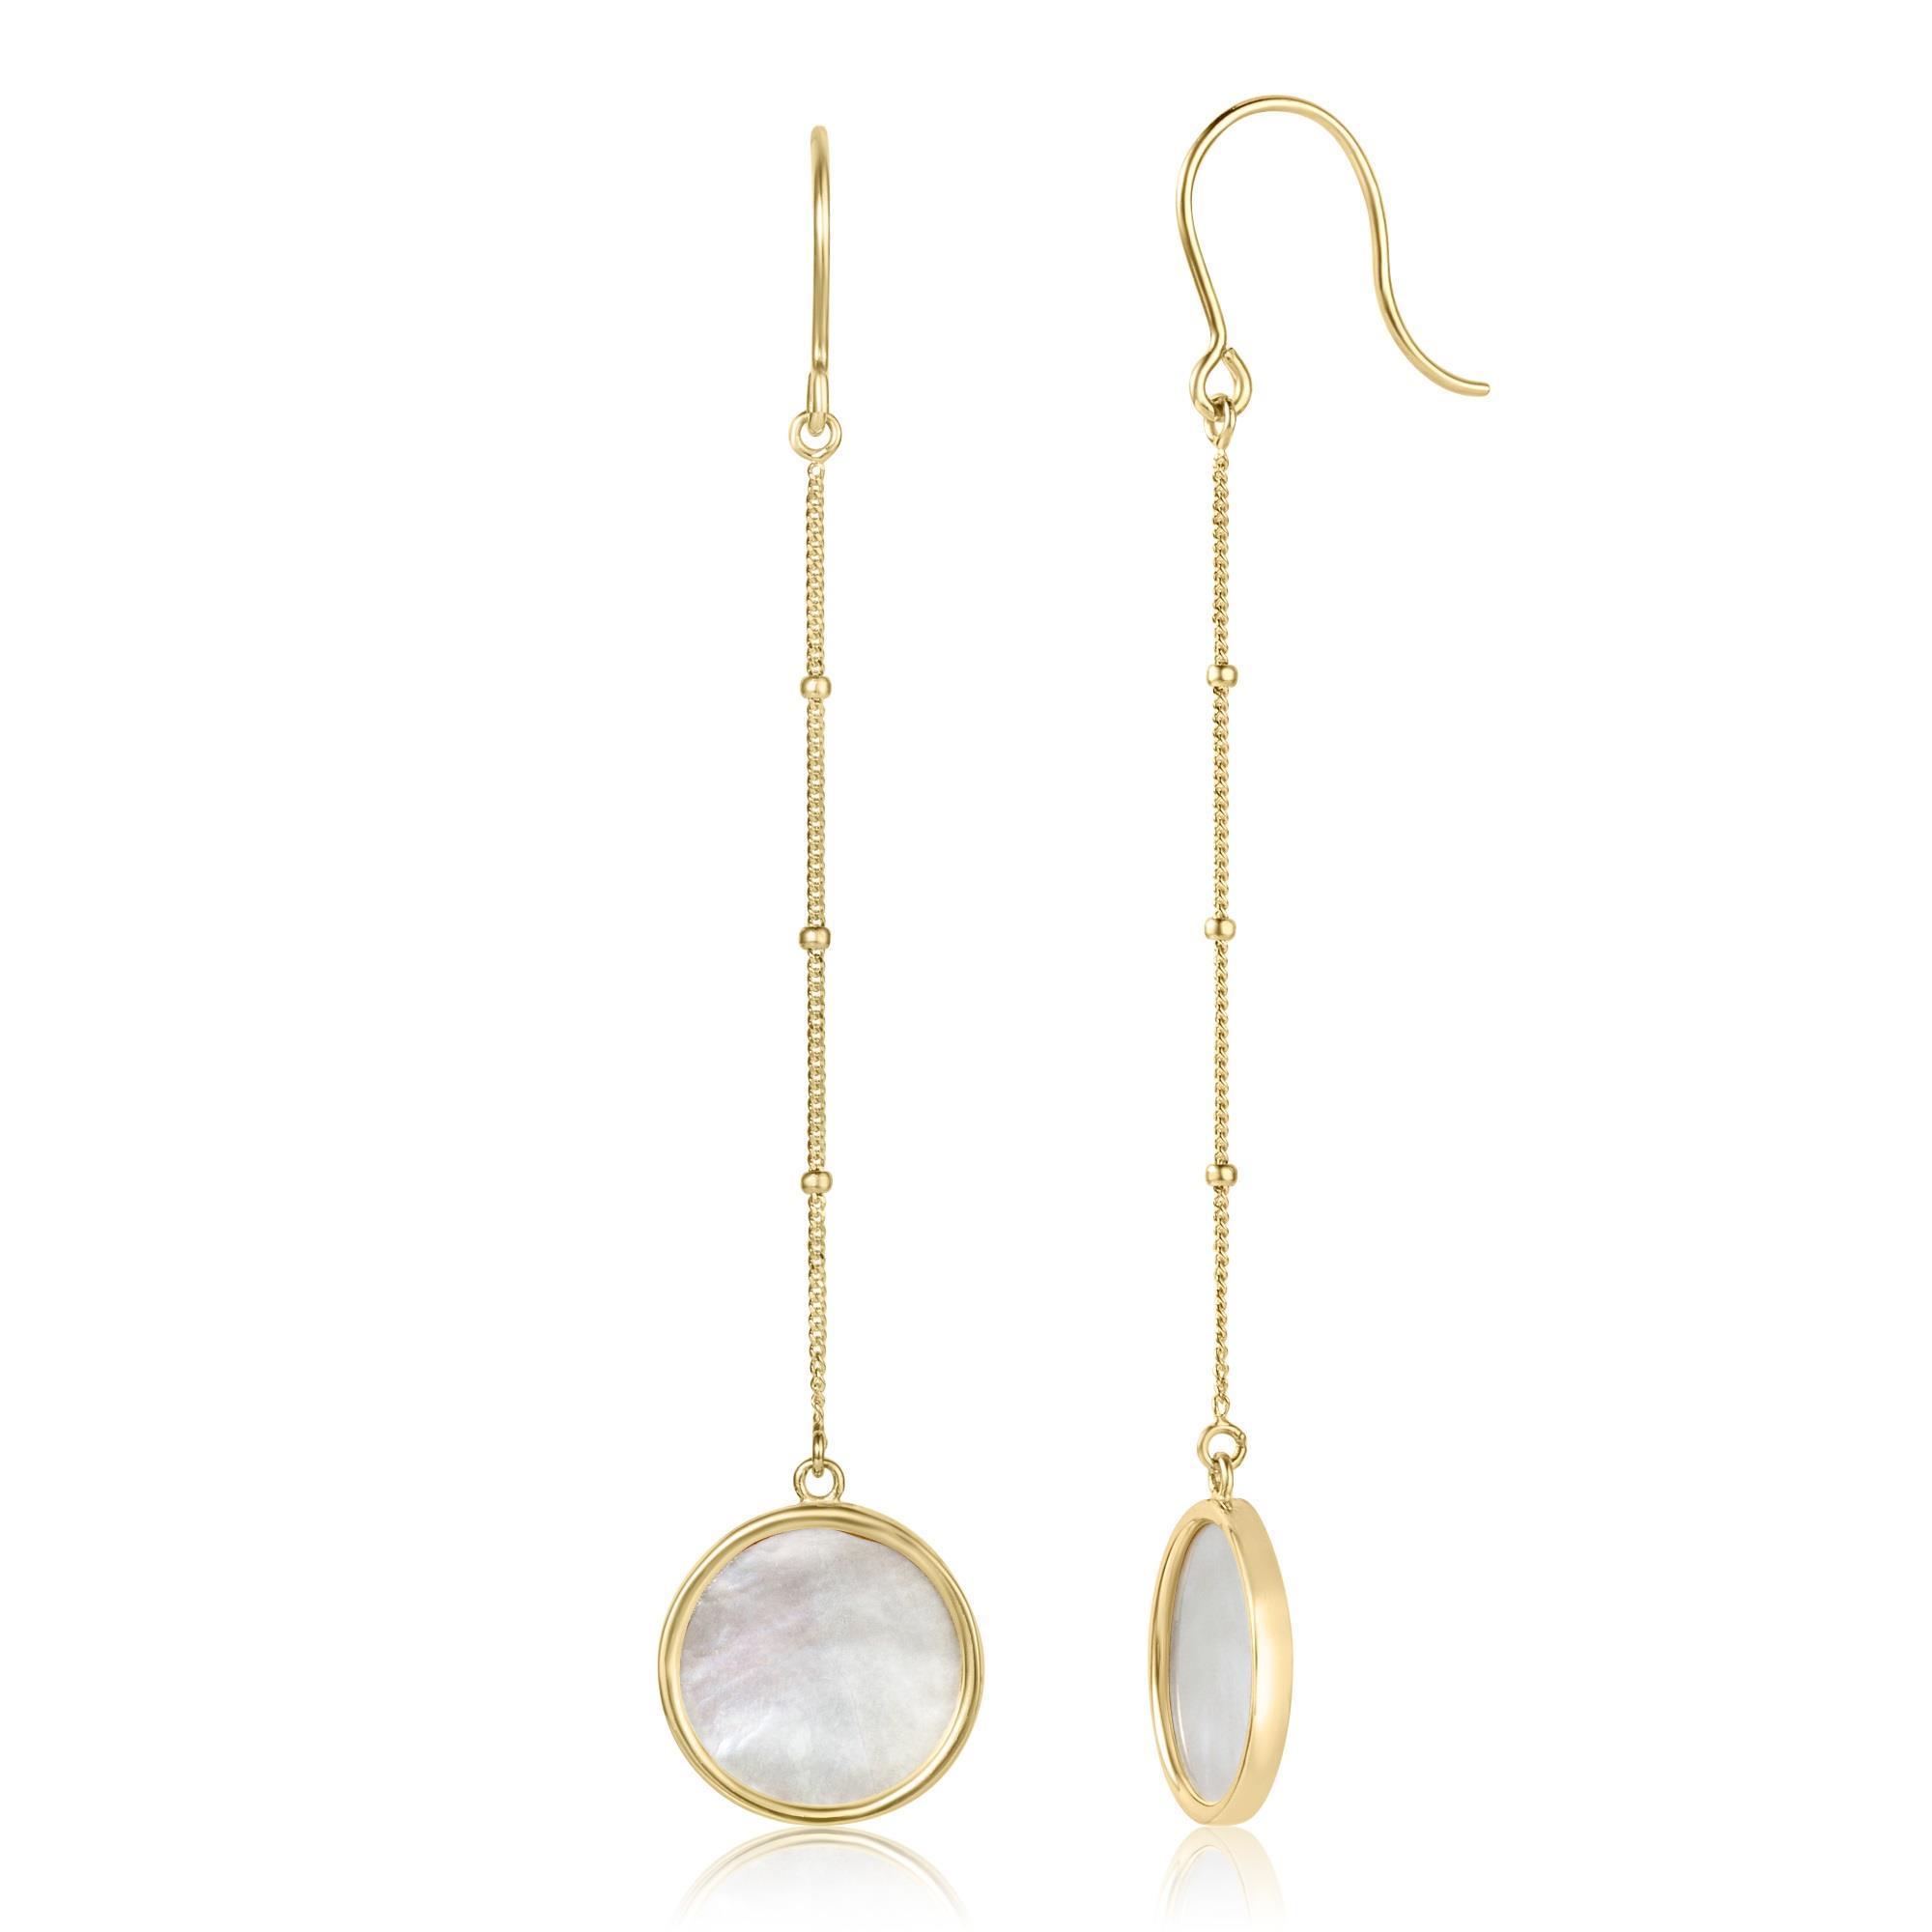 Nova Mother of Pearl Drop Earrings   Pravins